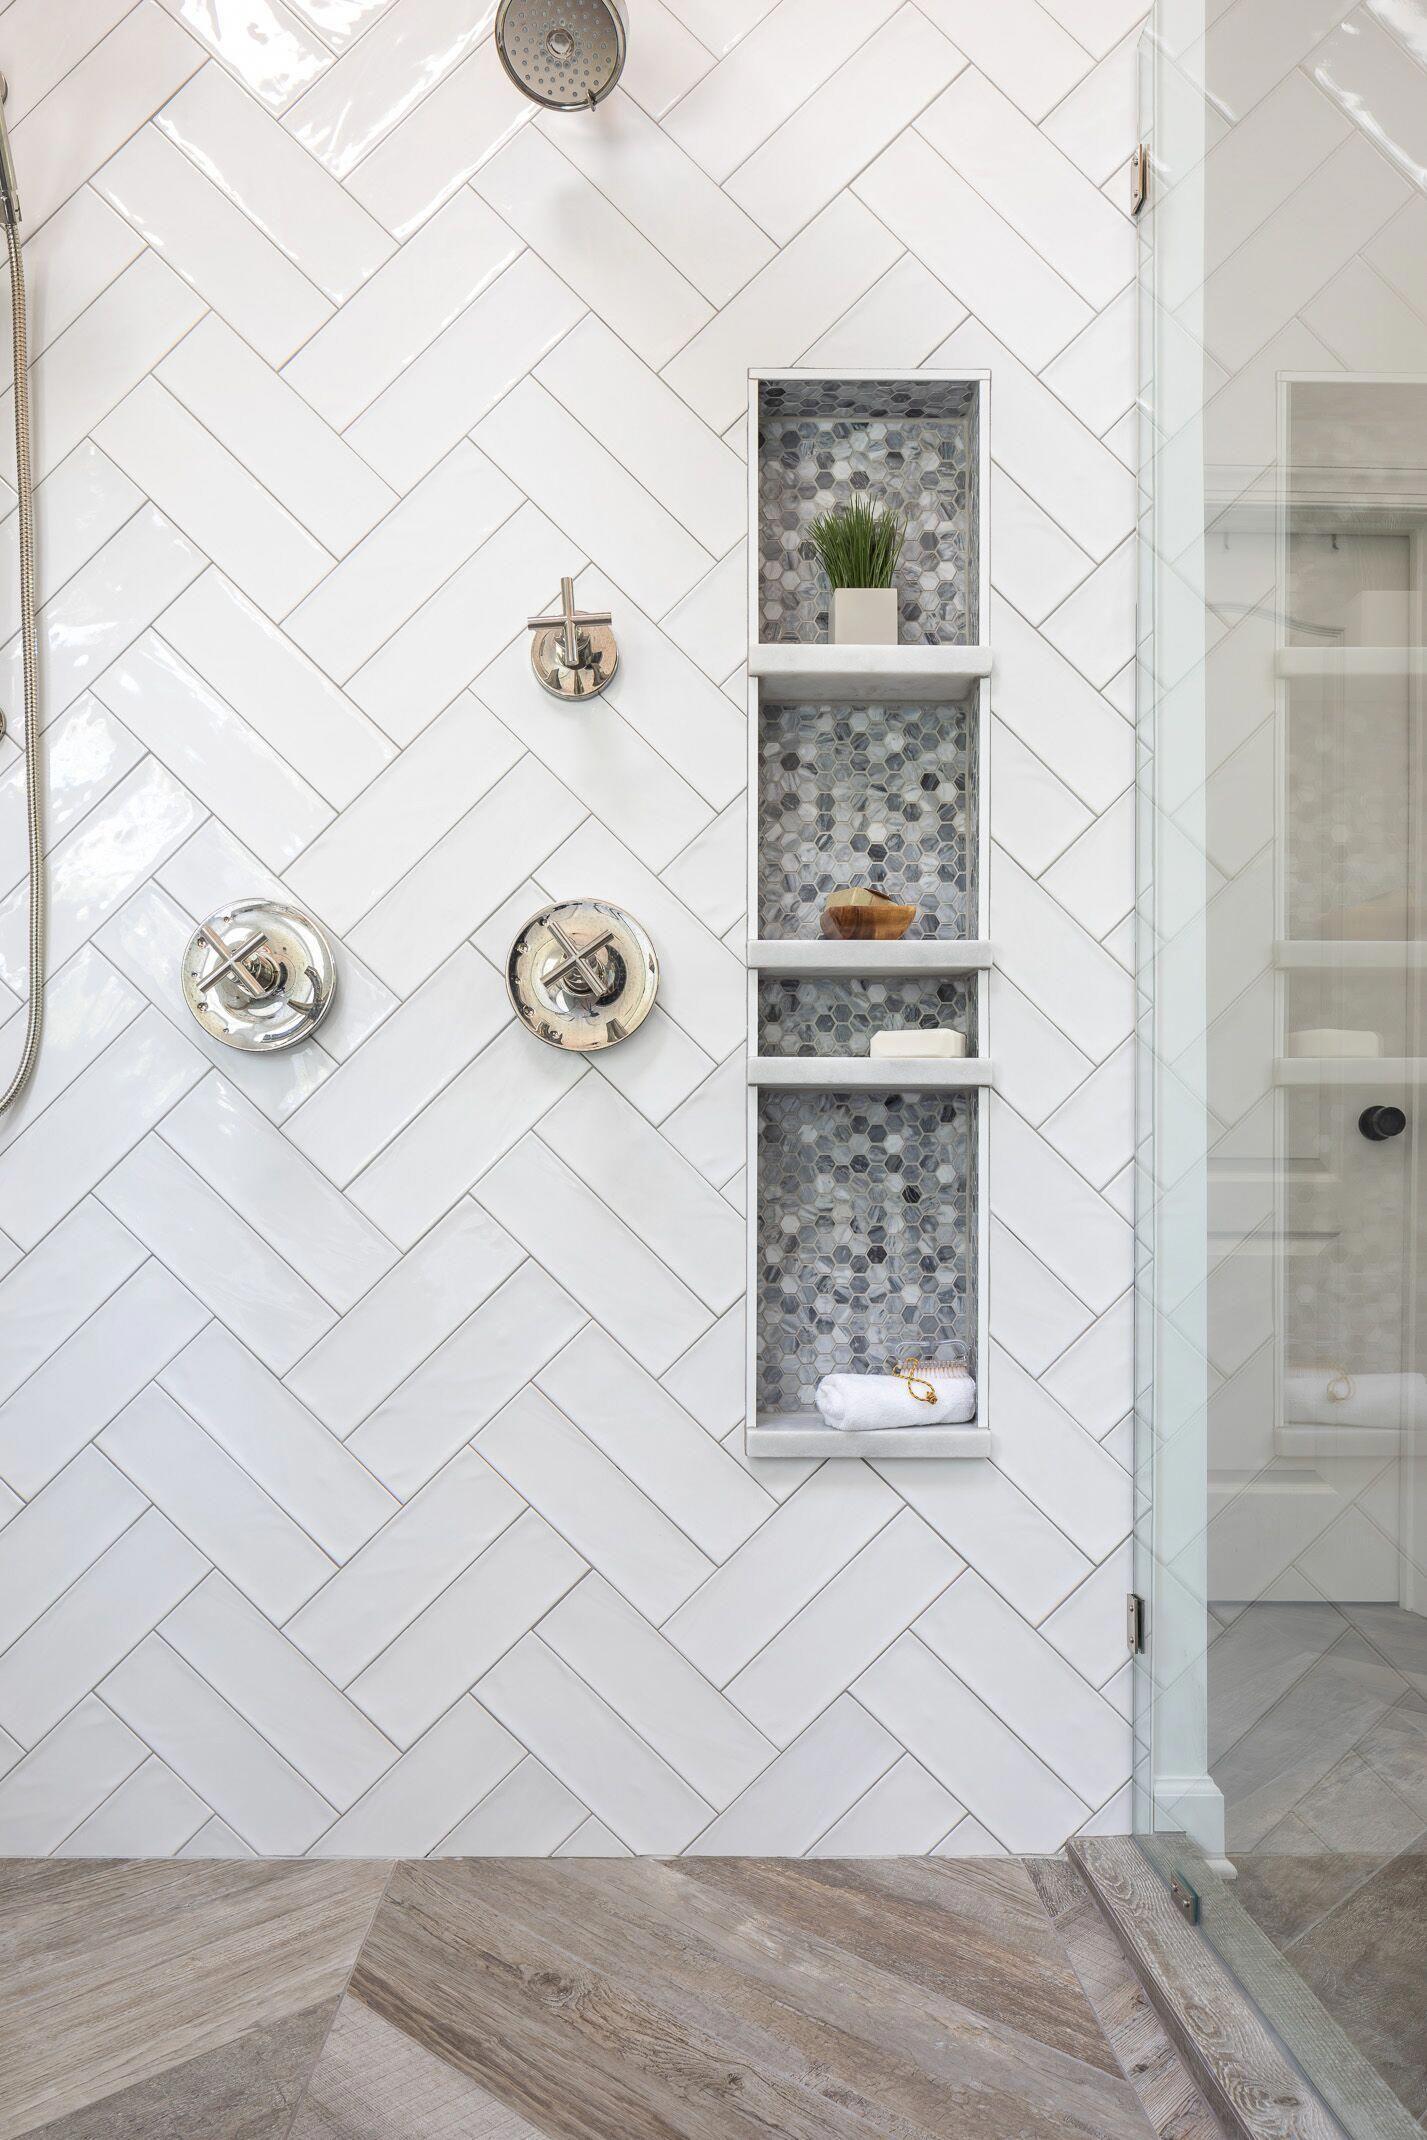 Modern Farmhouse Style Shower Design With White Double Herringbone Tile Frameless Glass Shower Surro Master Bathroom Shower Farmhouse Shower Bathrooms Remodel